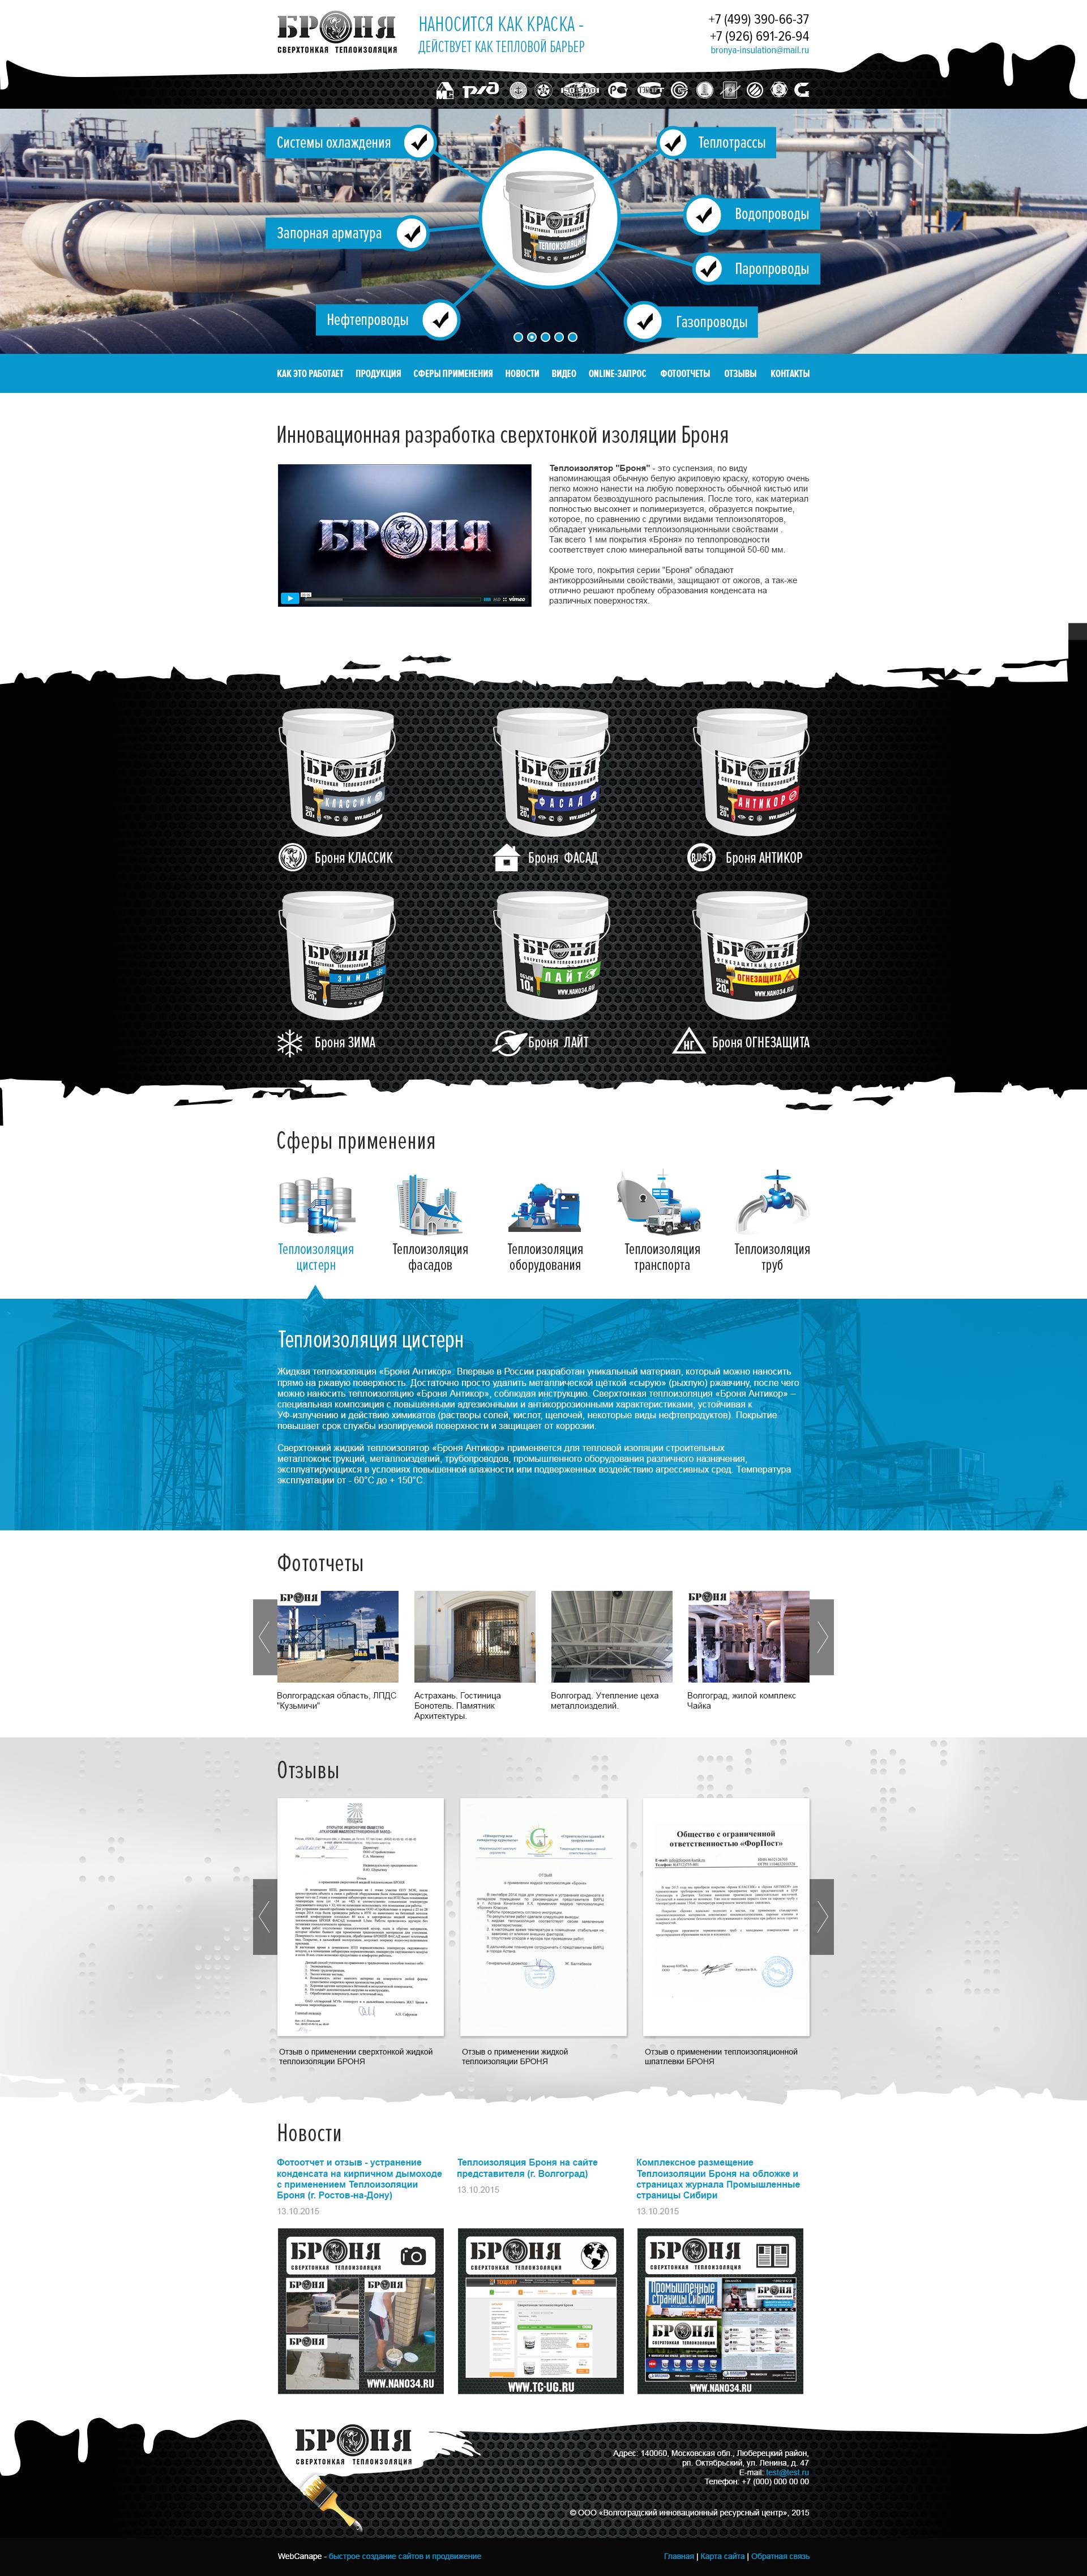 Создание сайта- каталога для Волгоградского инновационного ресурсного центра